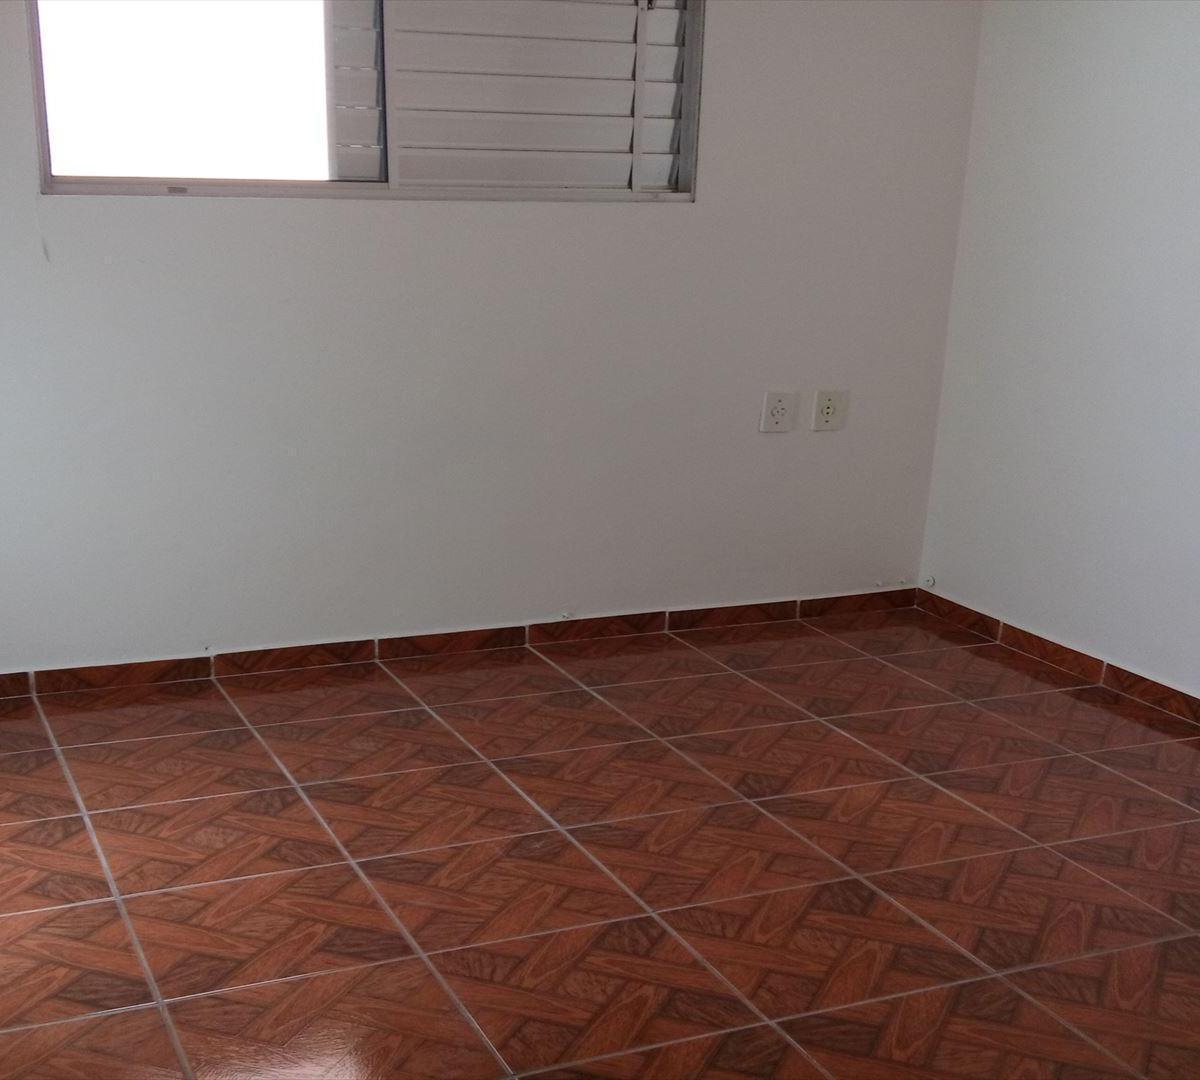 Imagens de #49251C  Lavínia Mogi das Cruzes R$ 900 90 m2 ID: 2928036119 Imovelweb 1200x1080 px 2788 Box Banheiro Mogi Das Cruzes